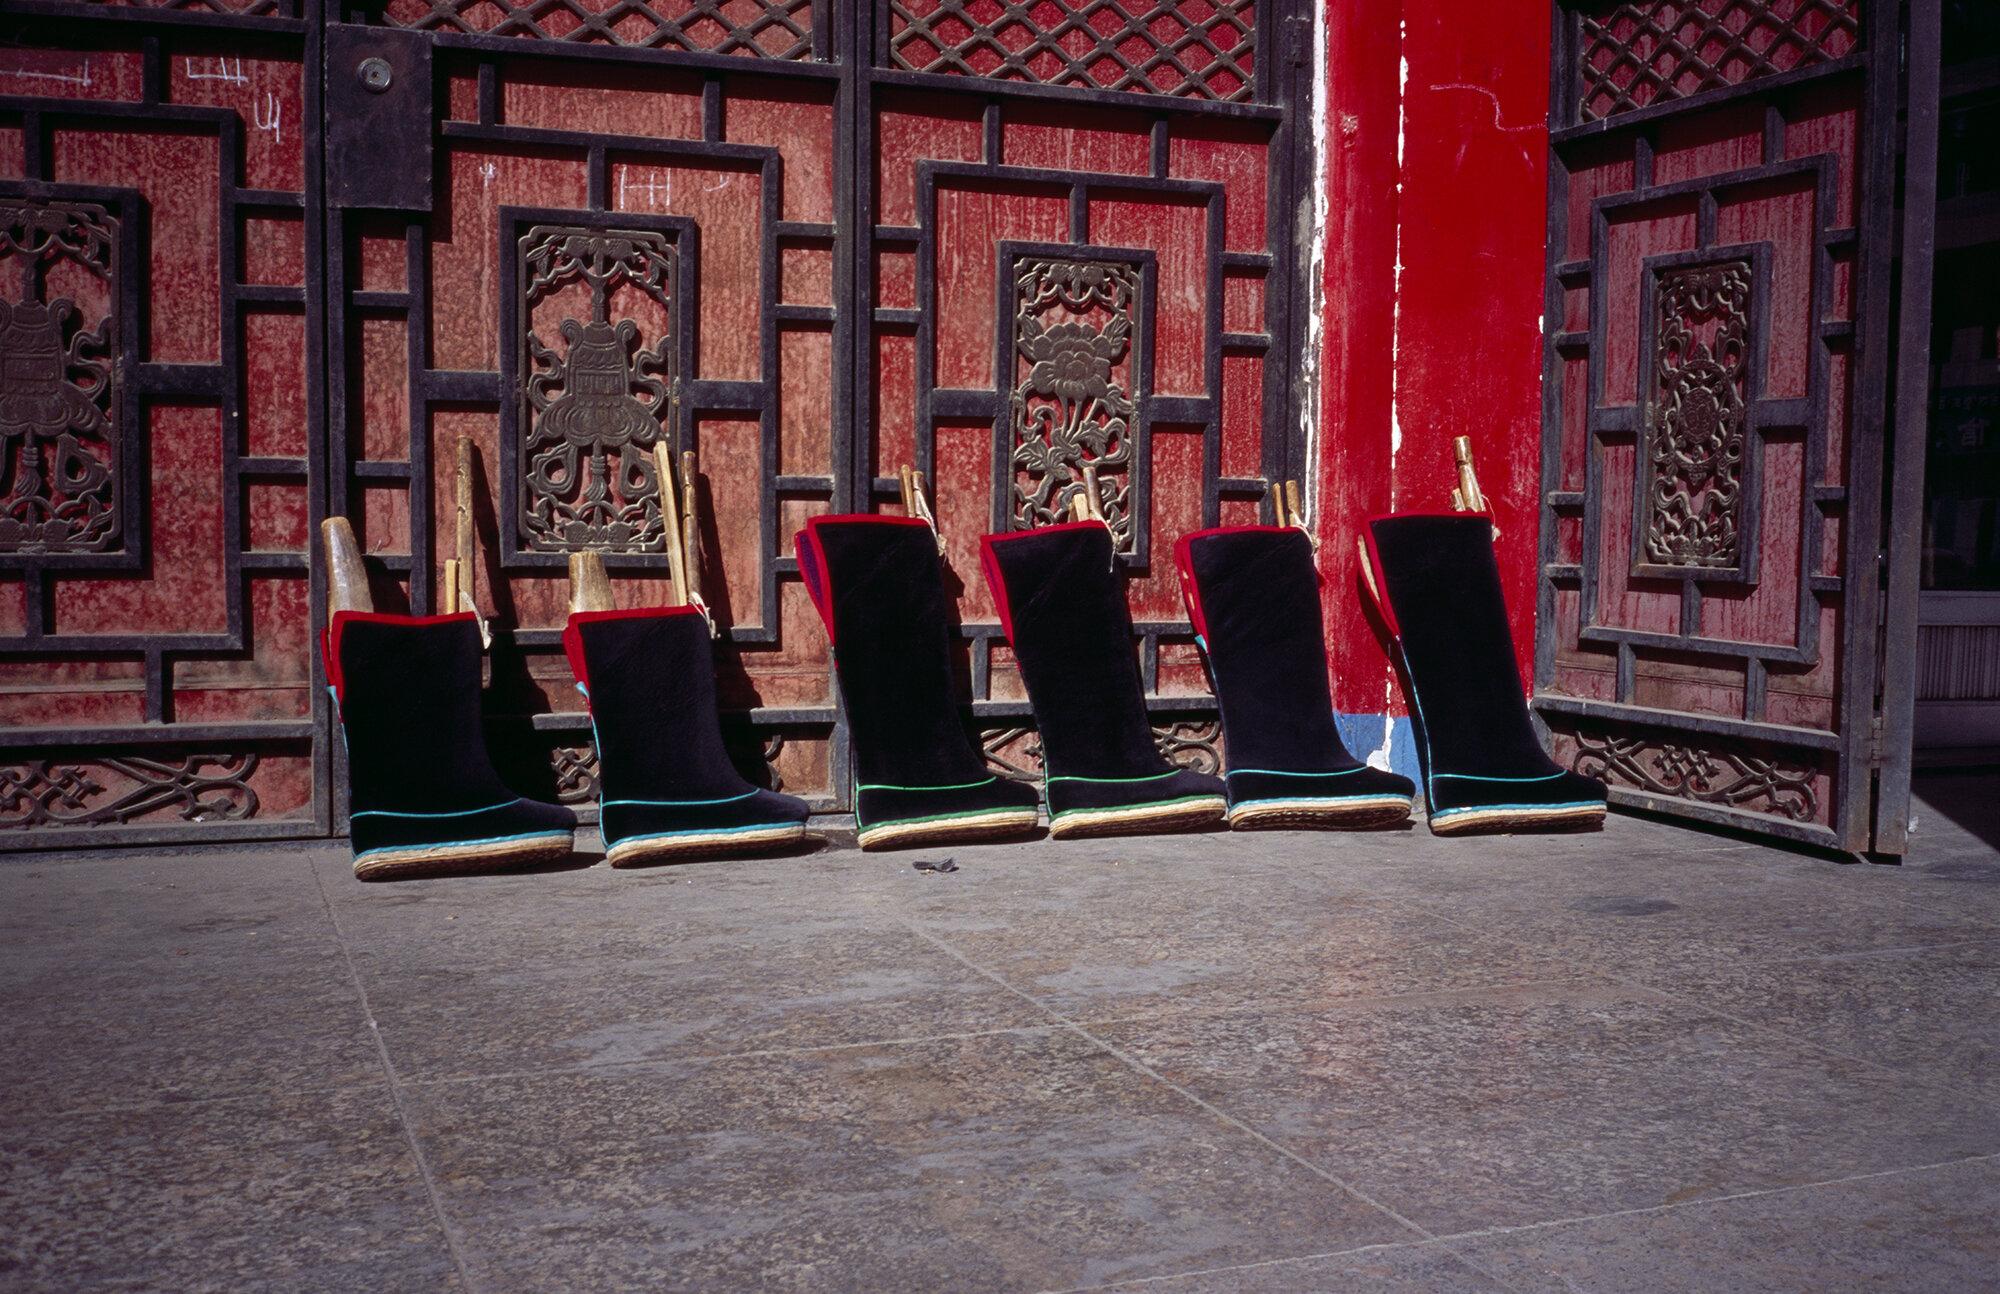 The Monk's Shoes, Xiahe, Gansu, China, 2019